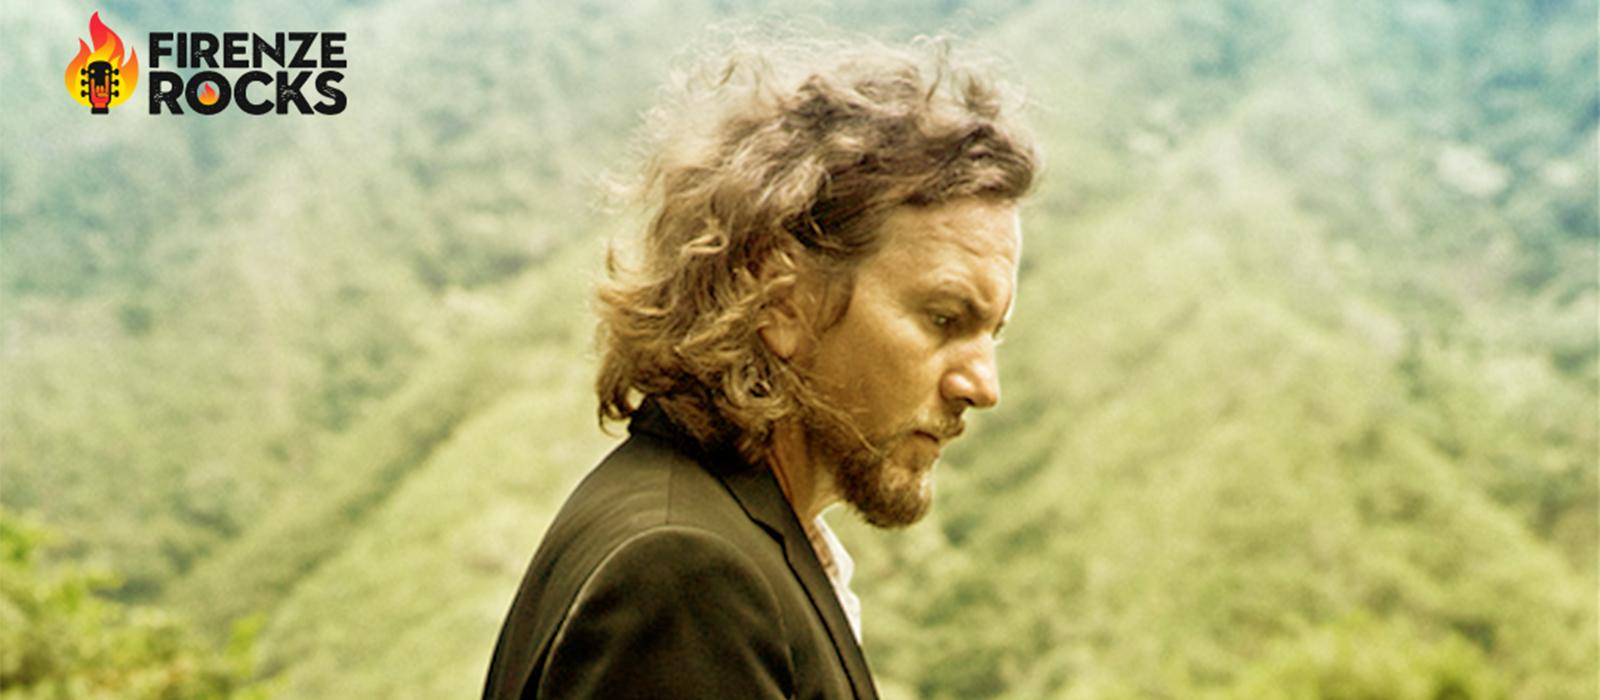 Pearl Jam - Eddie Vedder to Headline Firenze Rocks